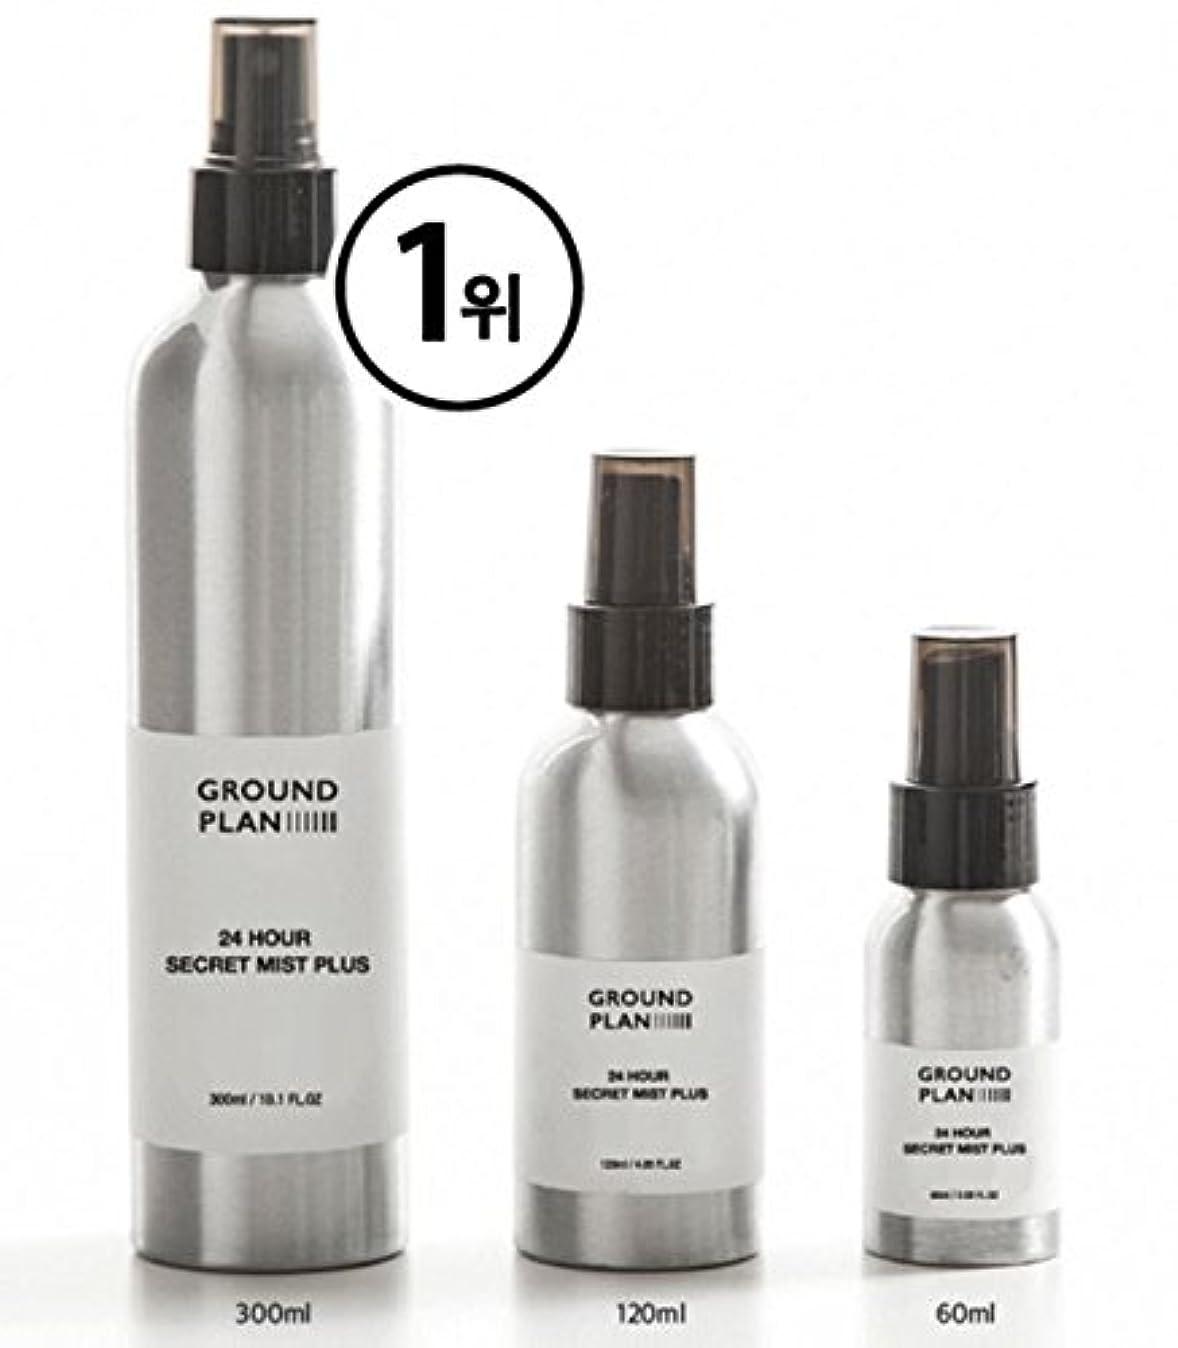 もっと浪費肌[グラウンド?プラン] 24Hour 秘密 スキンミスト Plus (120ml) (300ml) Ground plan 24 Hour Secret Skin Mist Plus [海外直送品] (120ml)